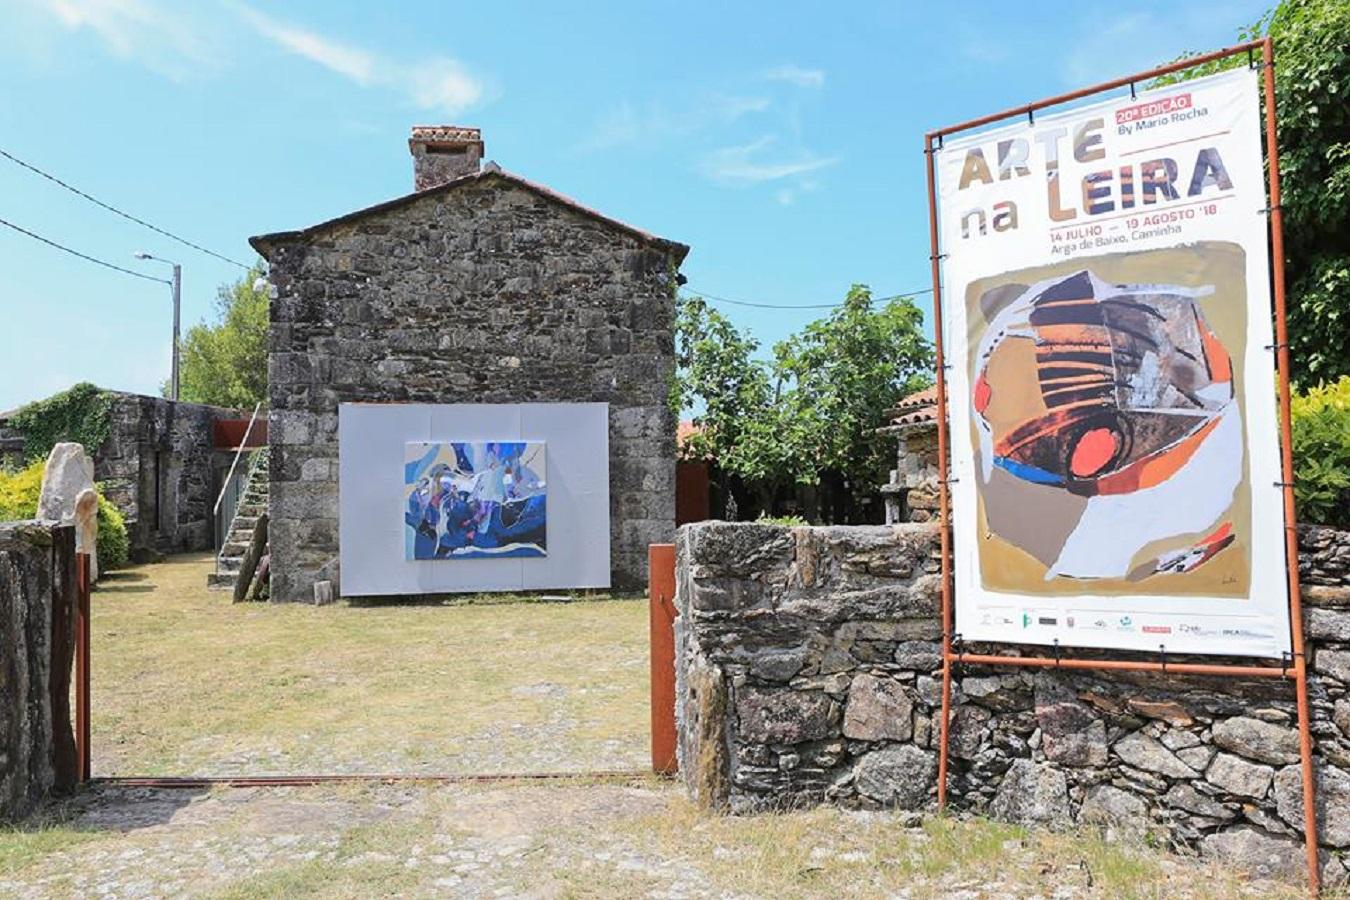 """Serra d'Arga: XX Arte na Leira abre sábado e homenageia """"vilarinho de covas"""""""